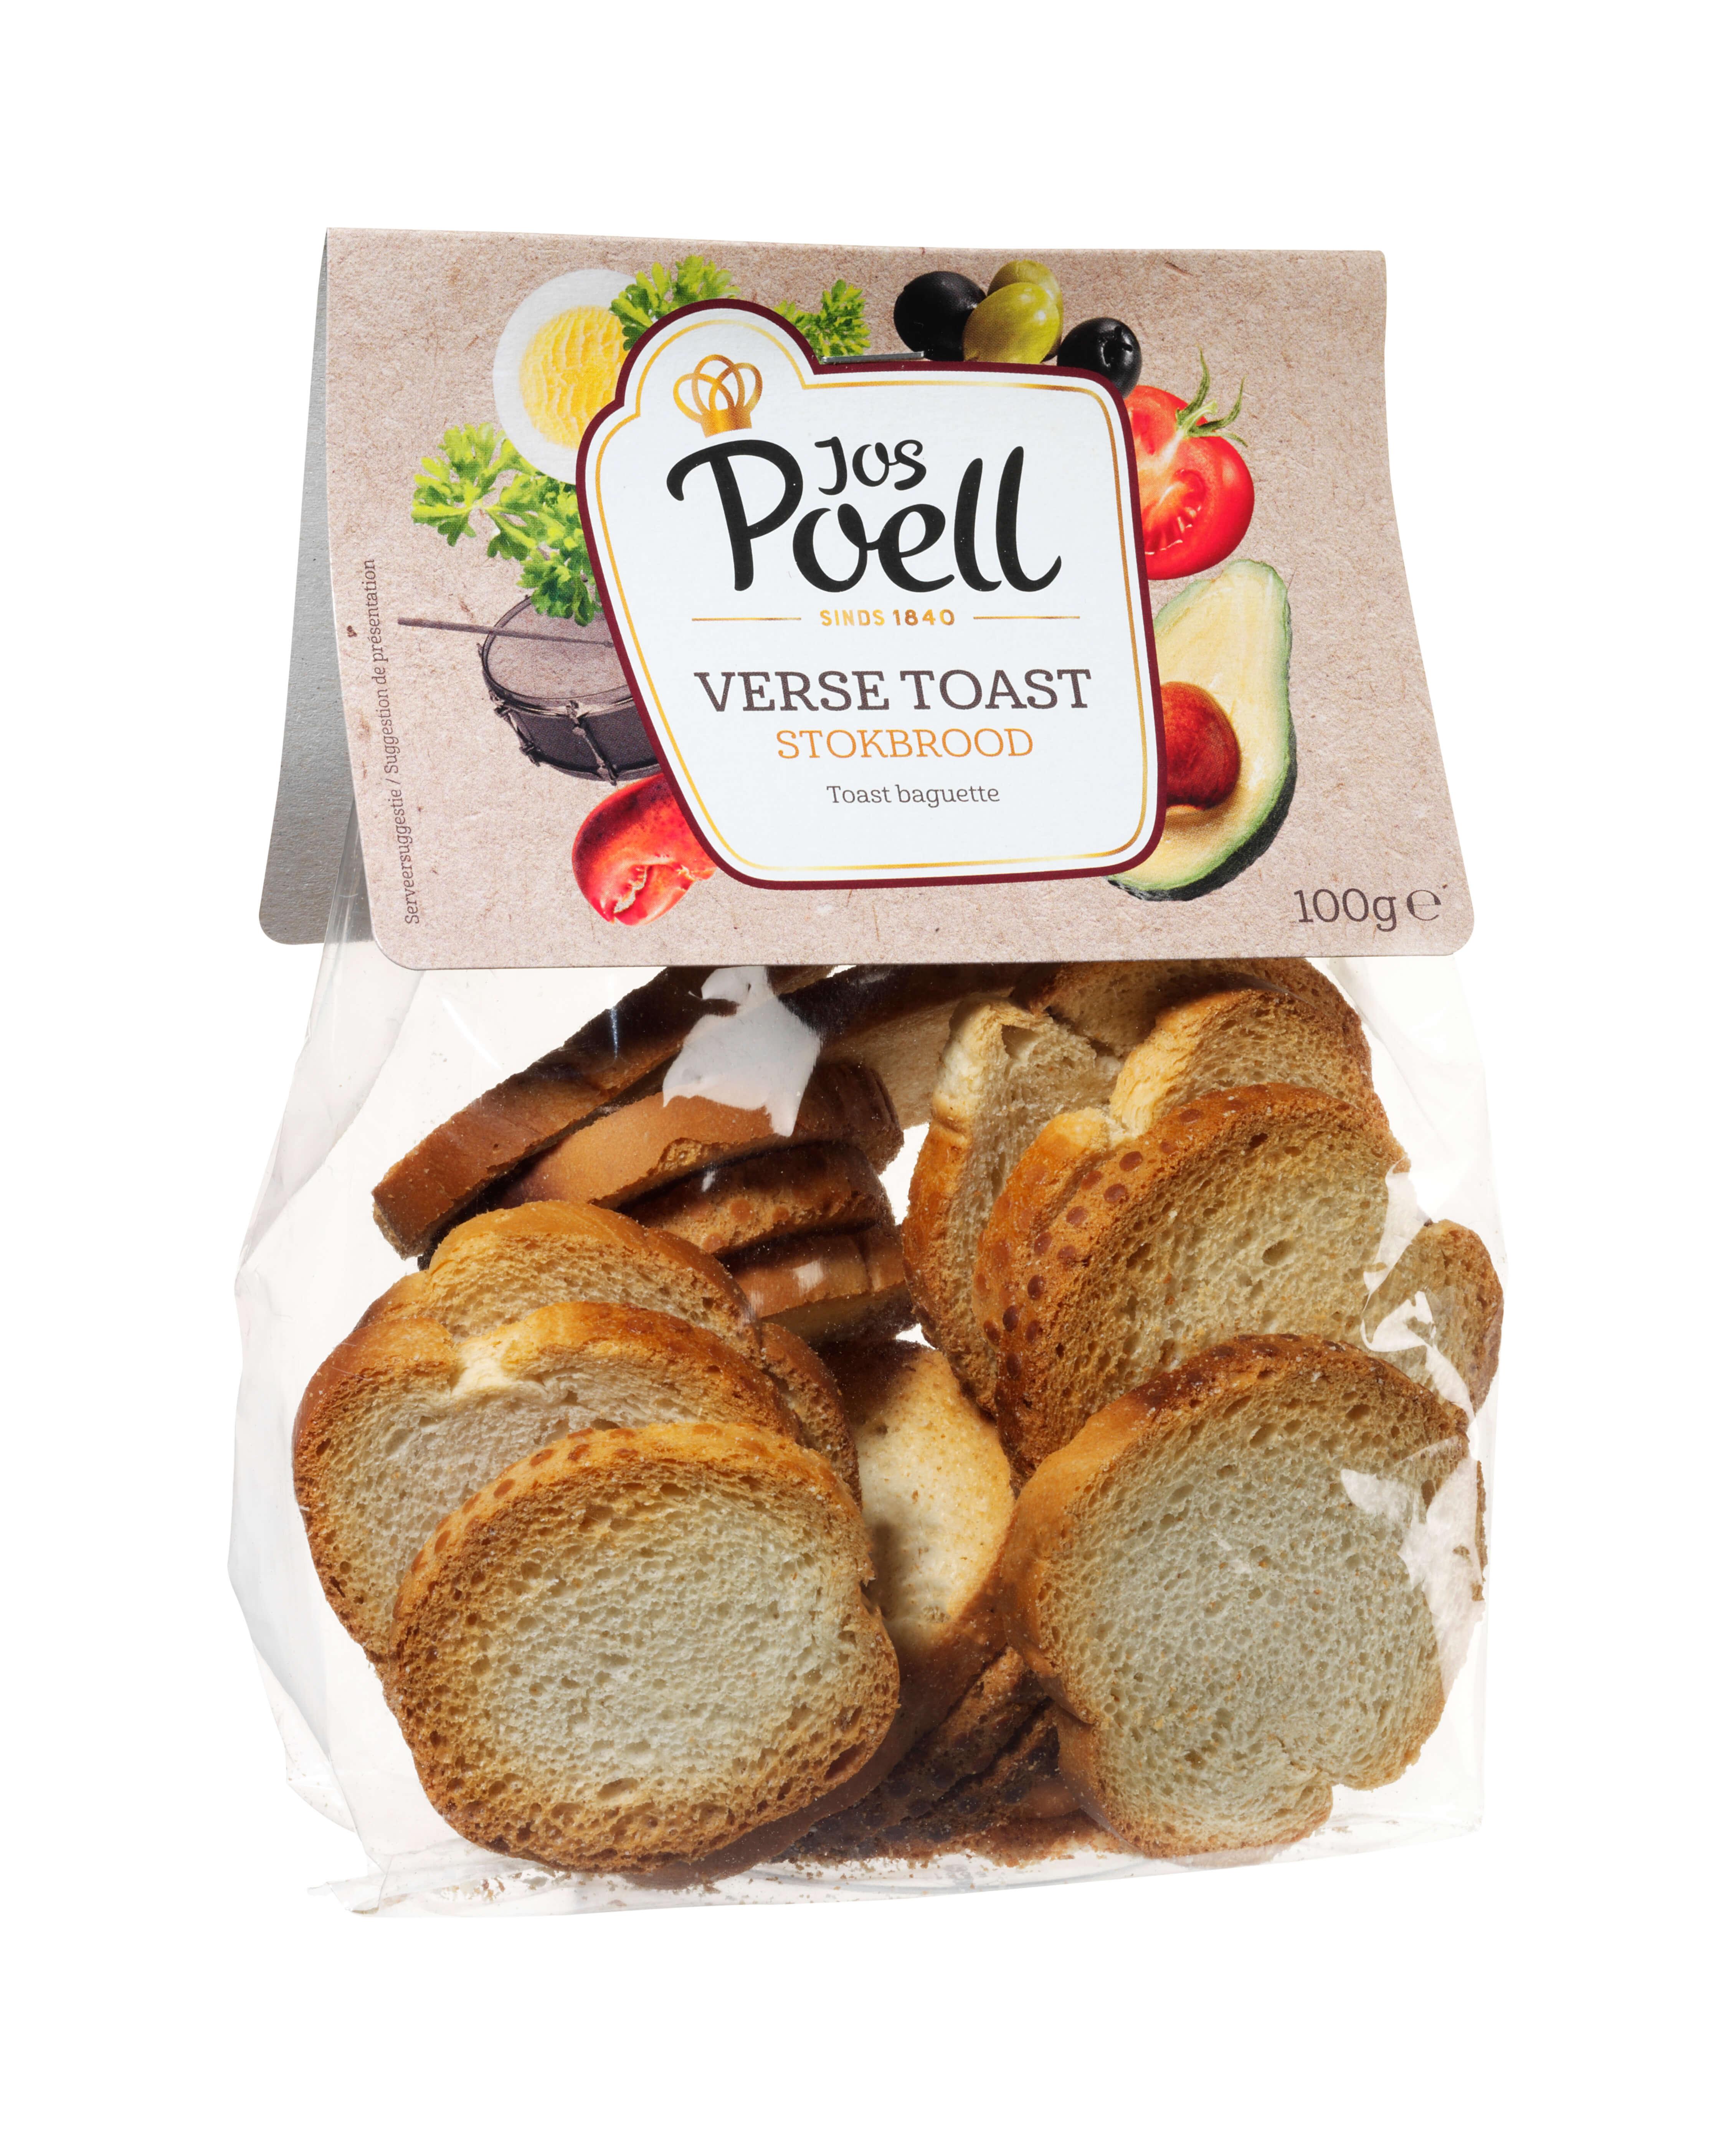 Verse Toast Stokbrood